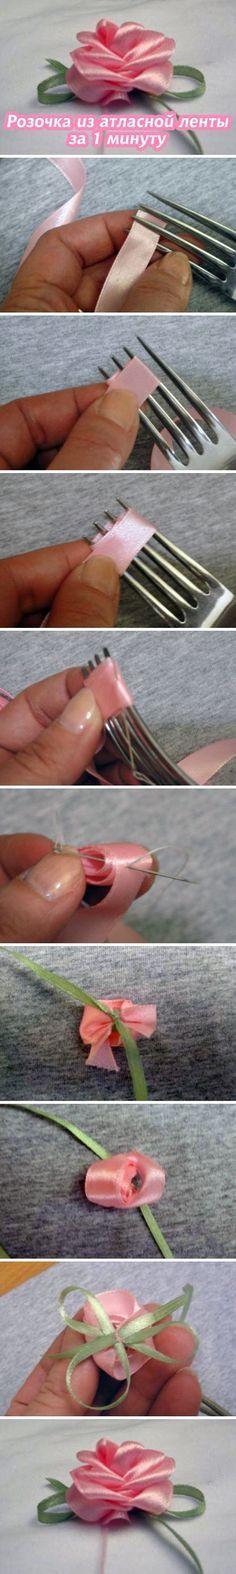 Как сделать розочку из атласной ленты / DIY: Ribbon Rose in 1 minute: